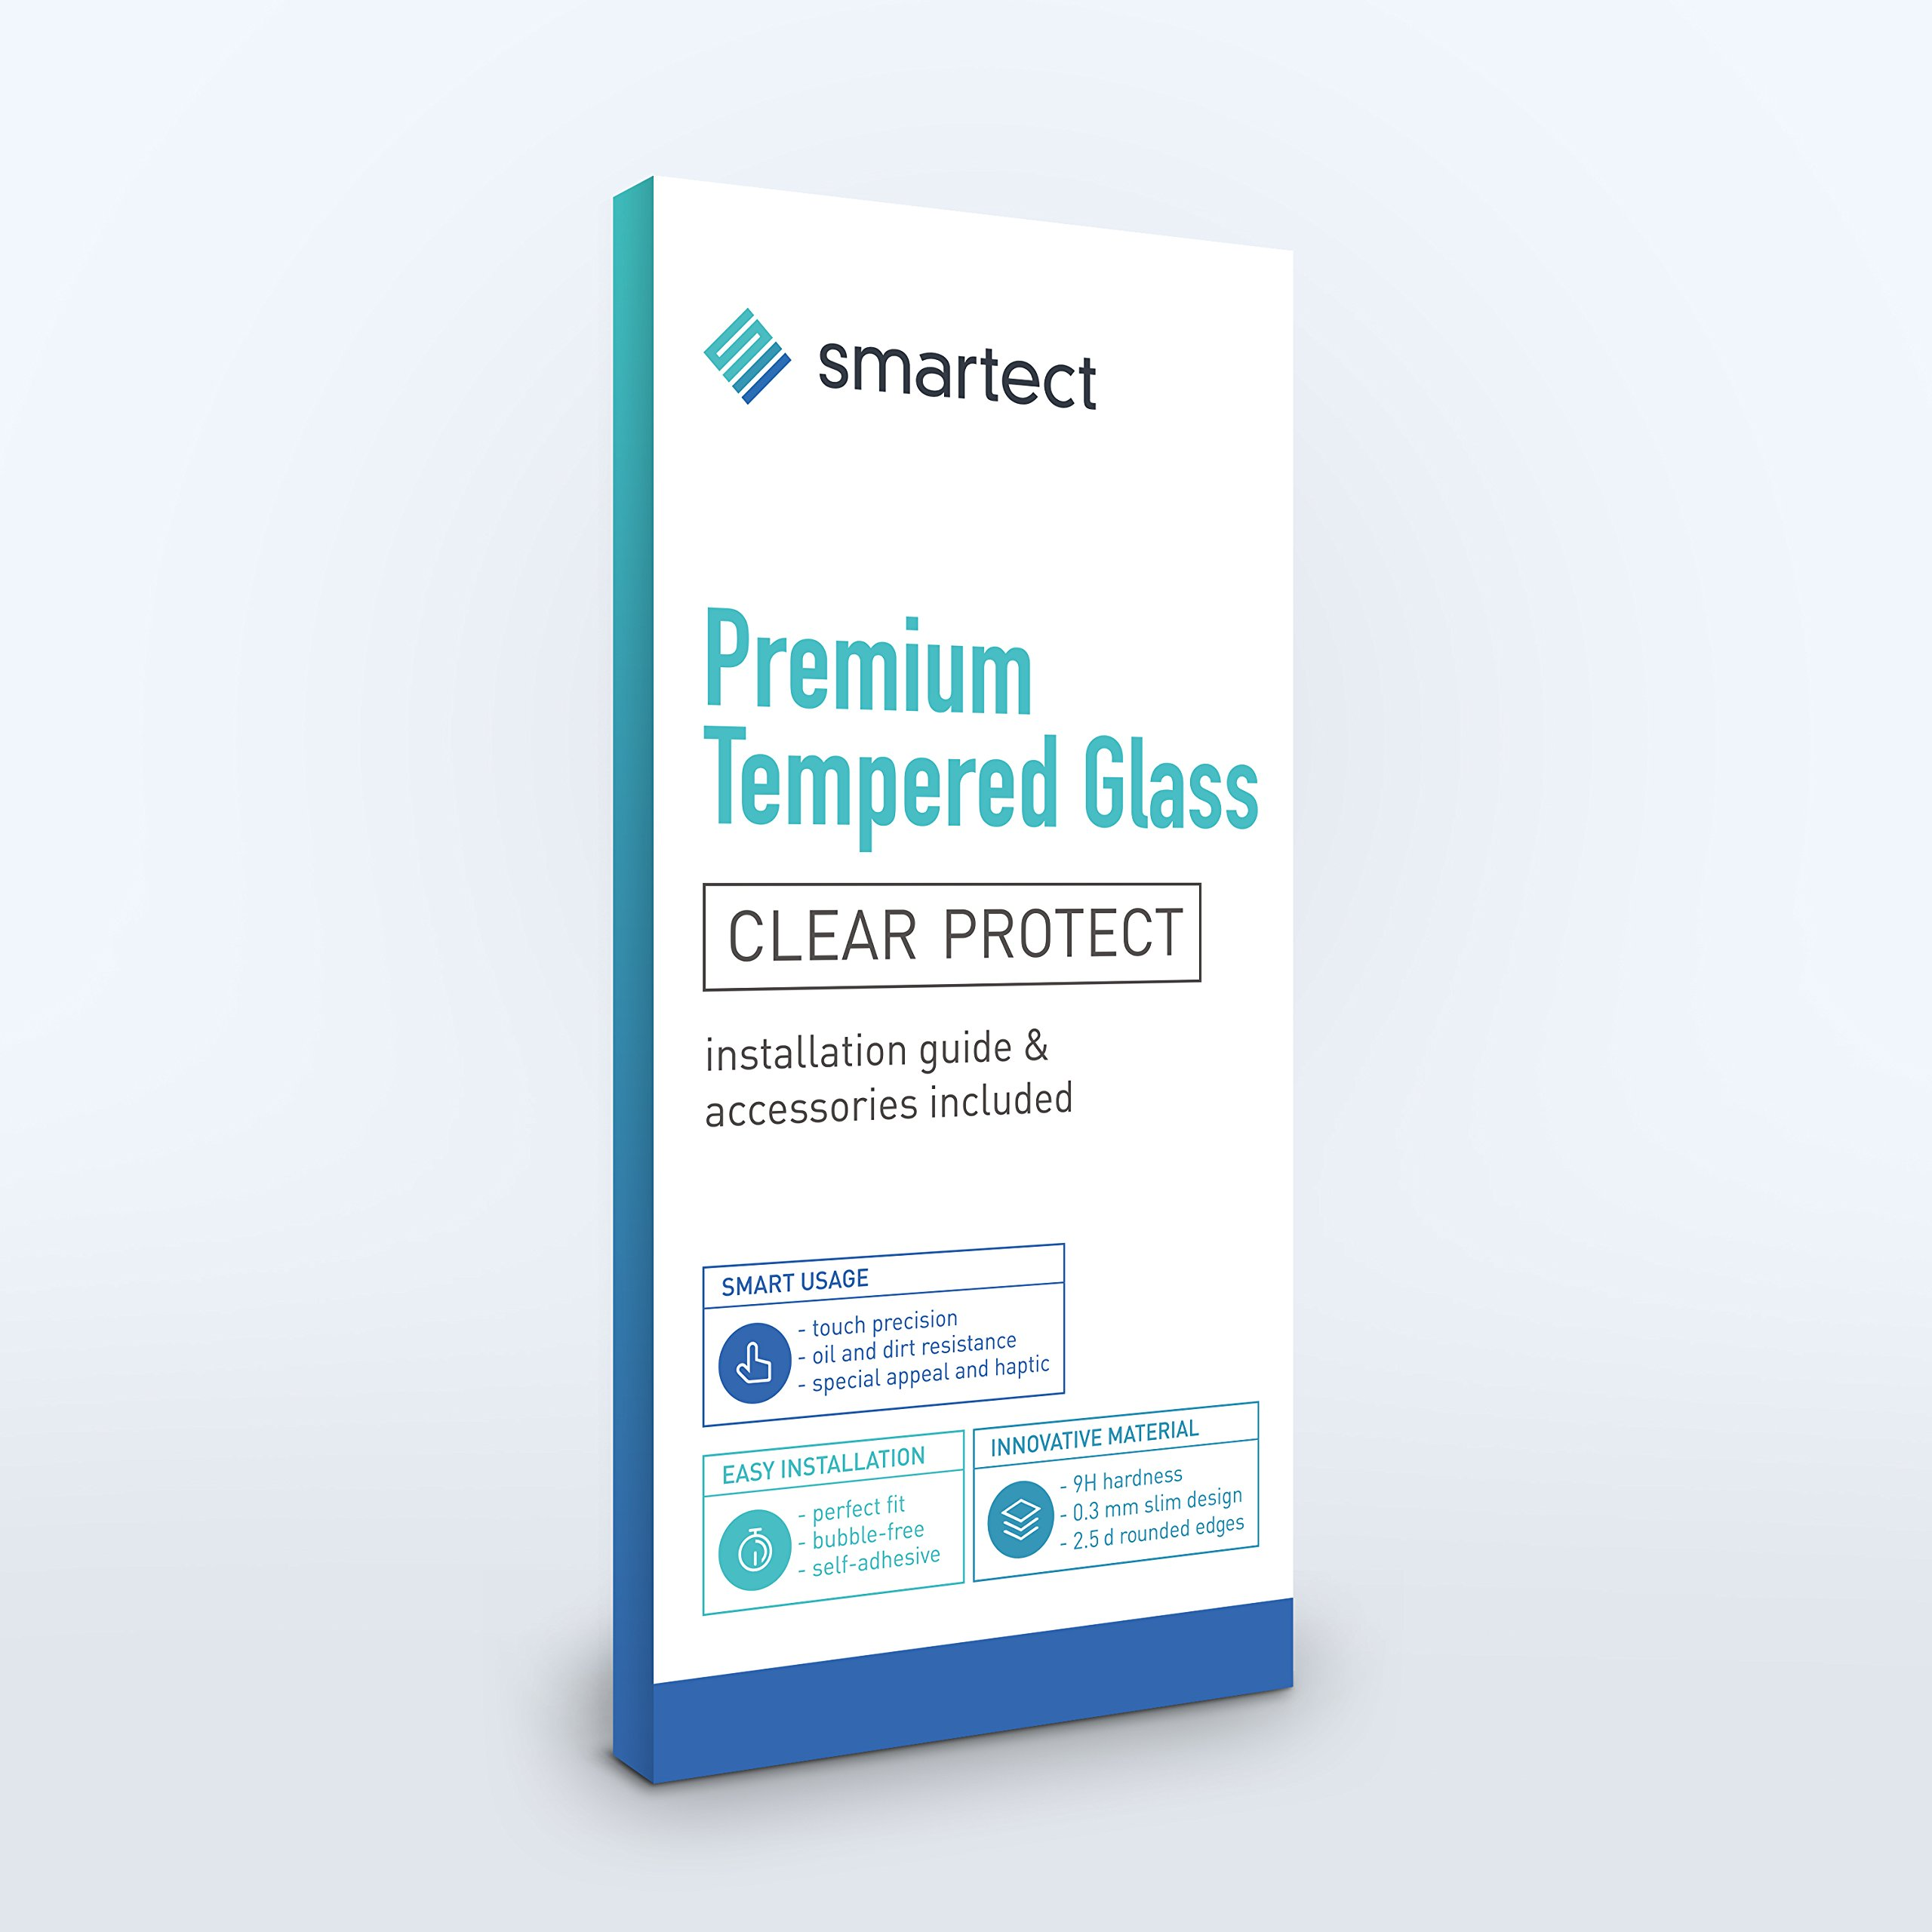 smartect [Arrière] Protector de Pantalla de Cristal Templado para iPhone SE / 5 / 5s / 5c Lámina Protectora Ultrafina de 0,3mm | Vidrio Robusto con Dureza 9H y Antihuellas Dactilares